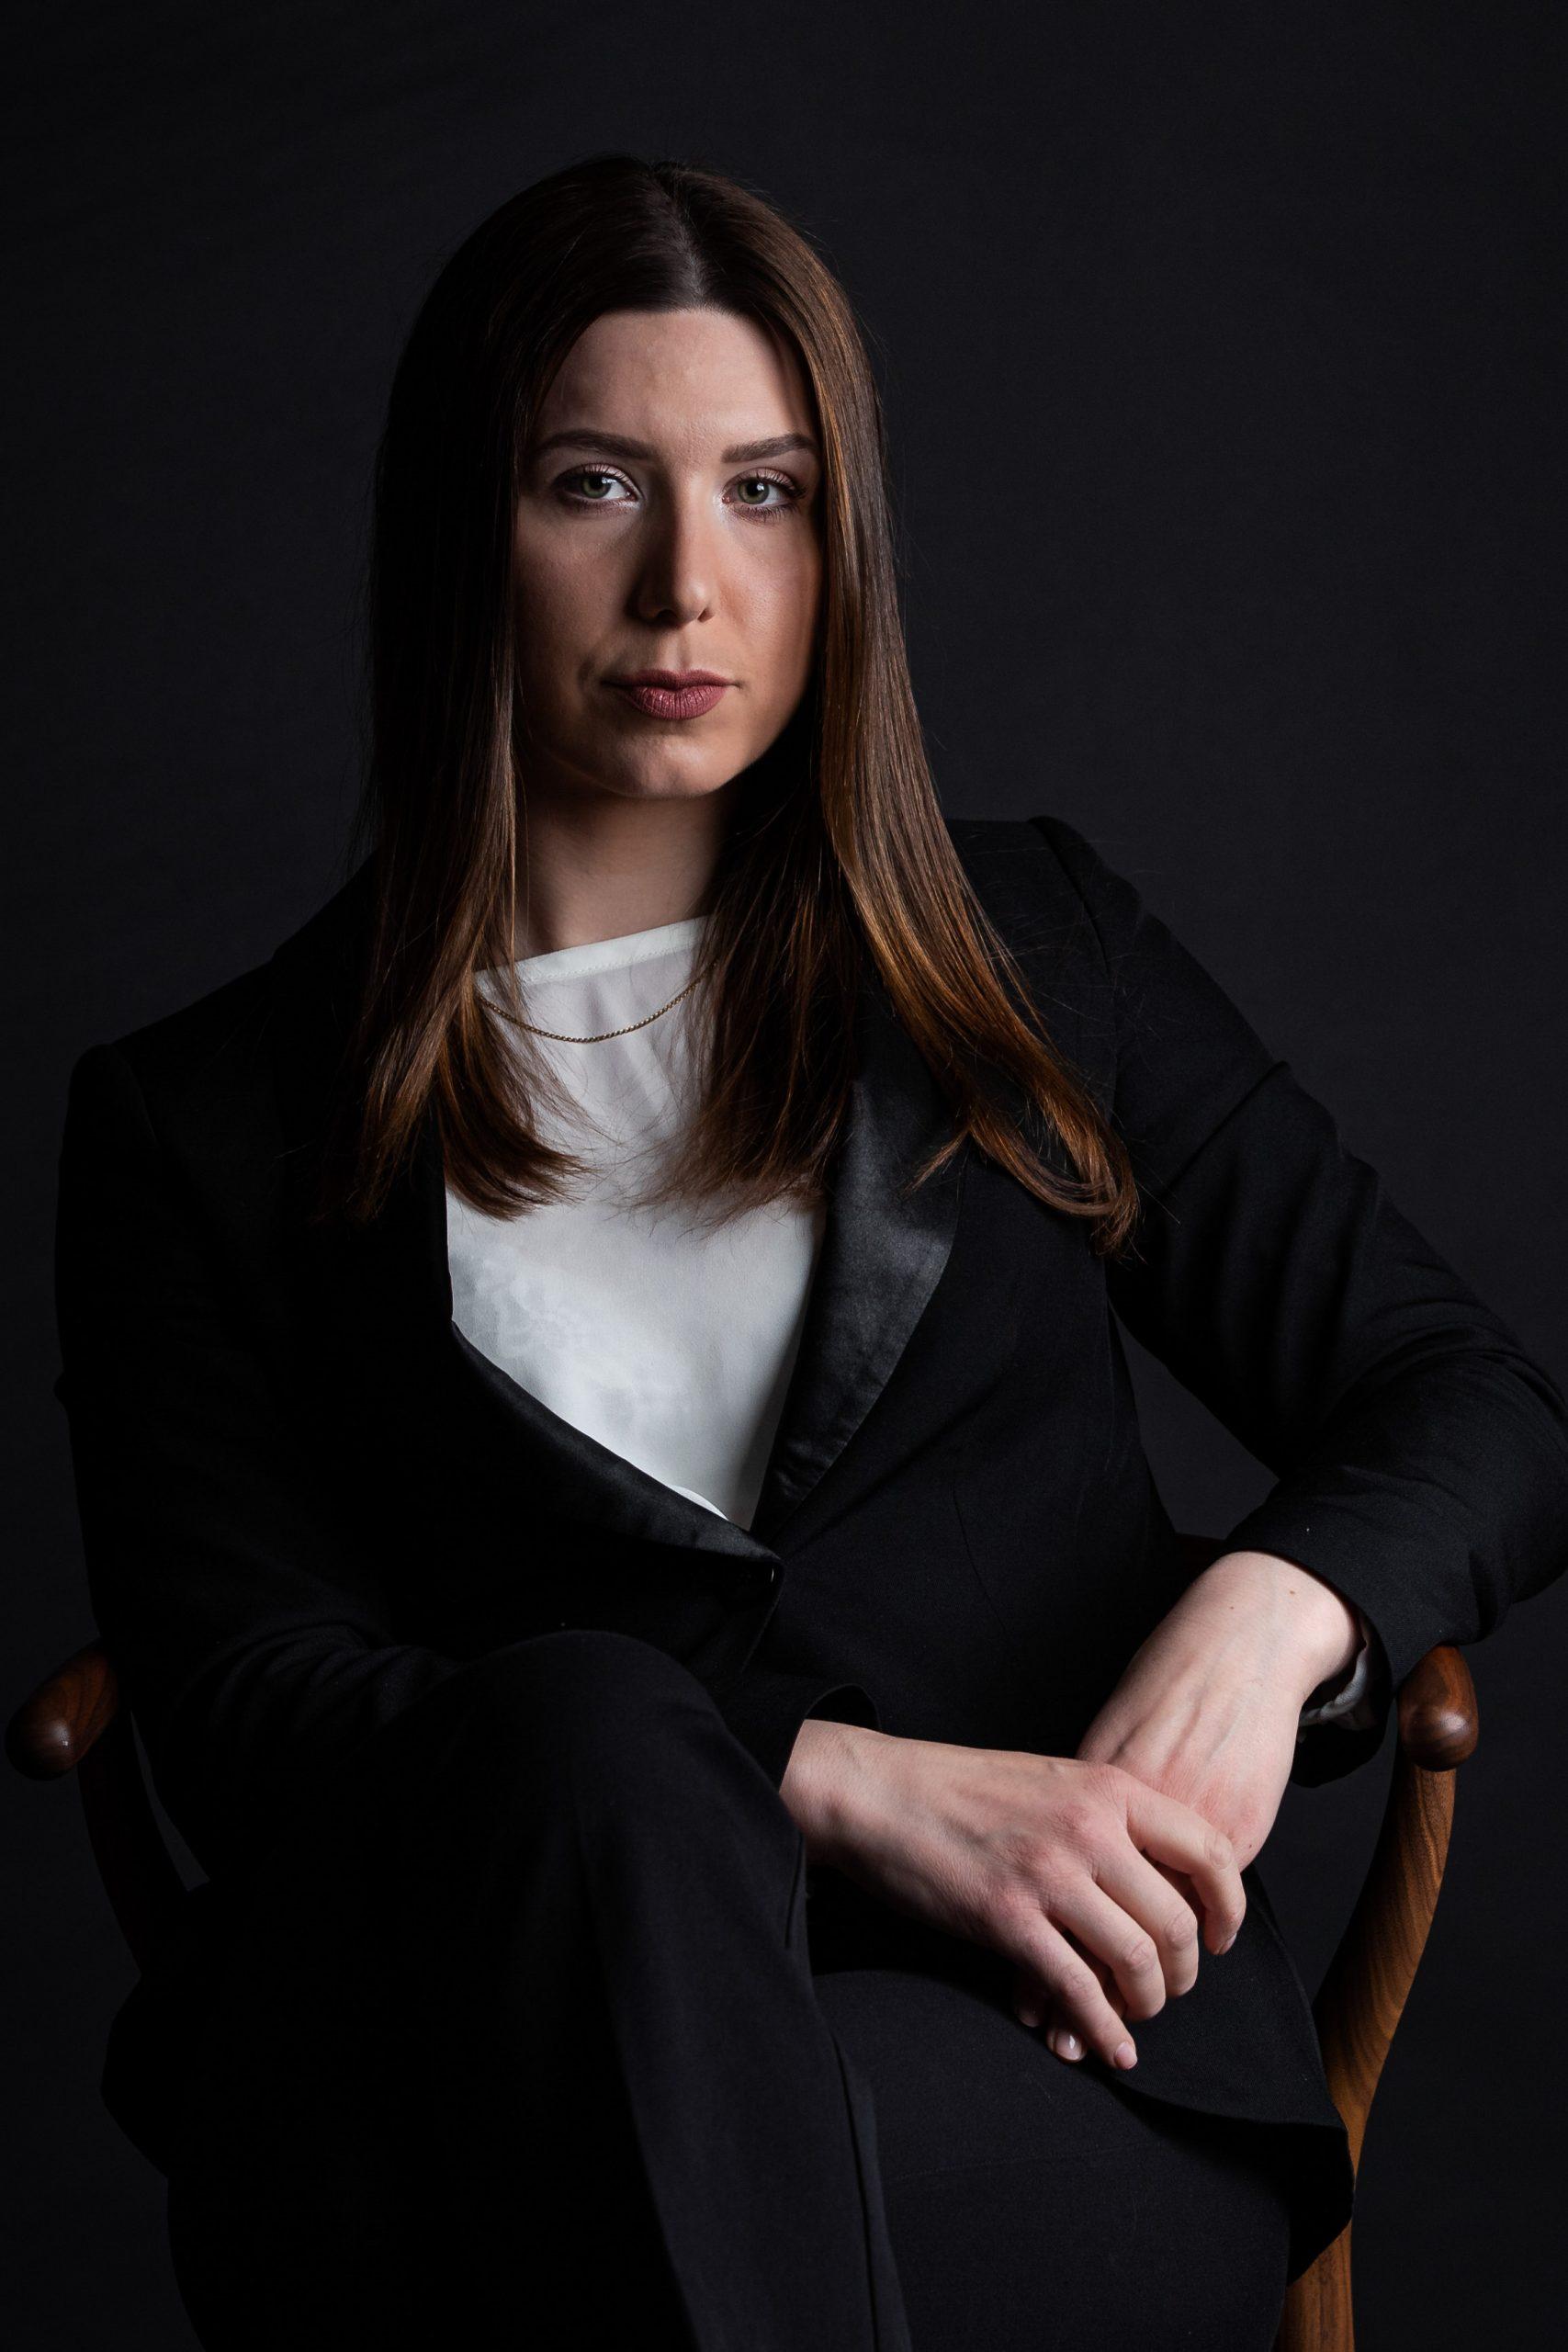 Sandra Maciejewska Eriksson